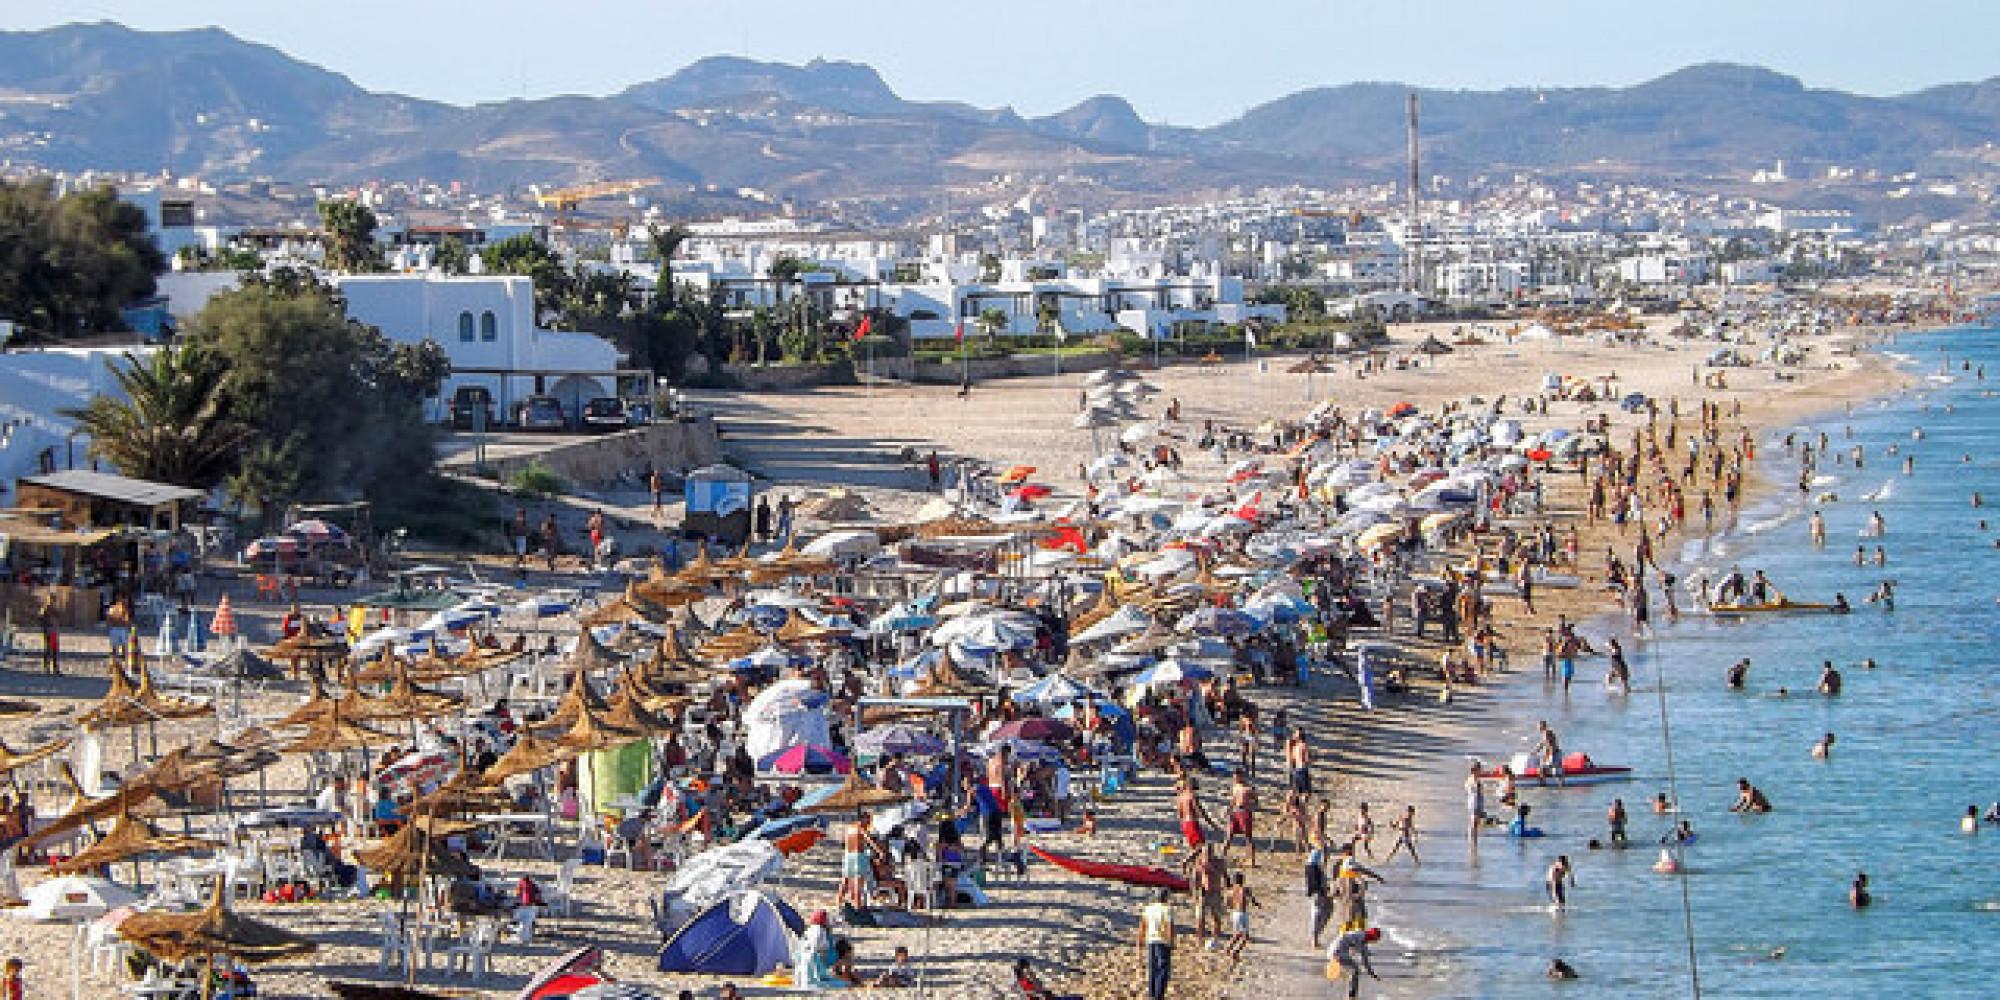 le nord du royaume pris par les marocains pour leurs vacances d 39 t selon avito. Black Bedroom Furniture Sets. Home Design Ideas